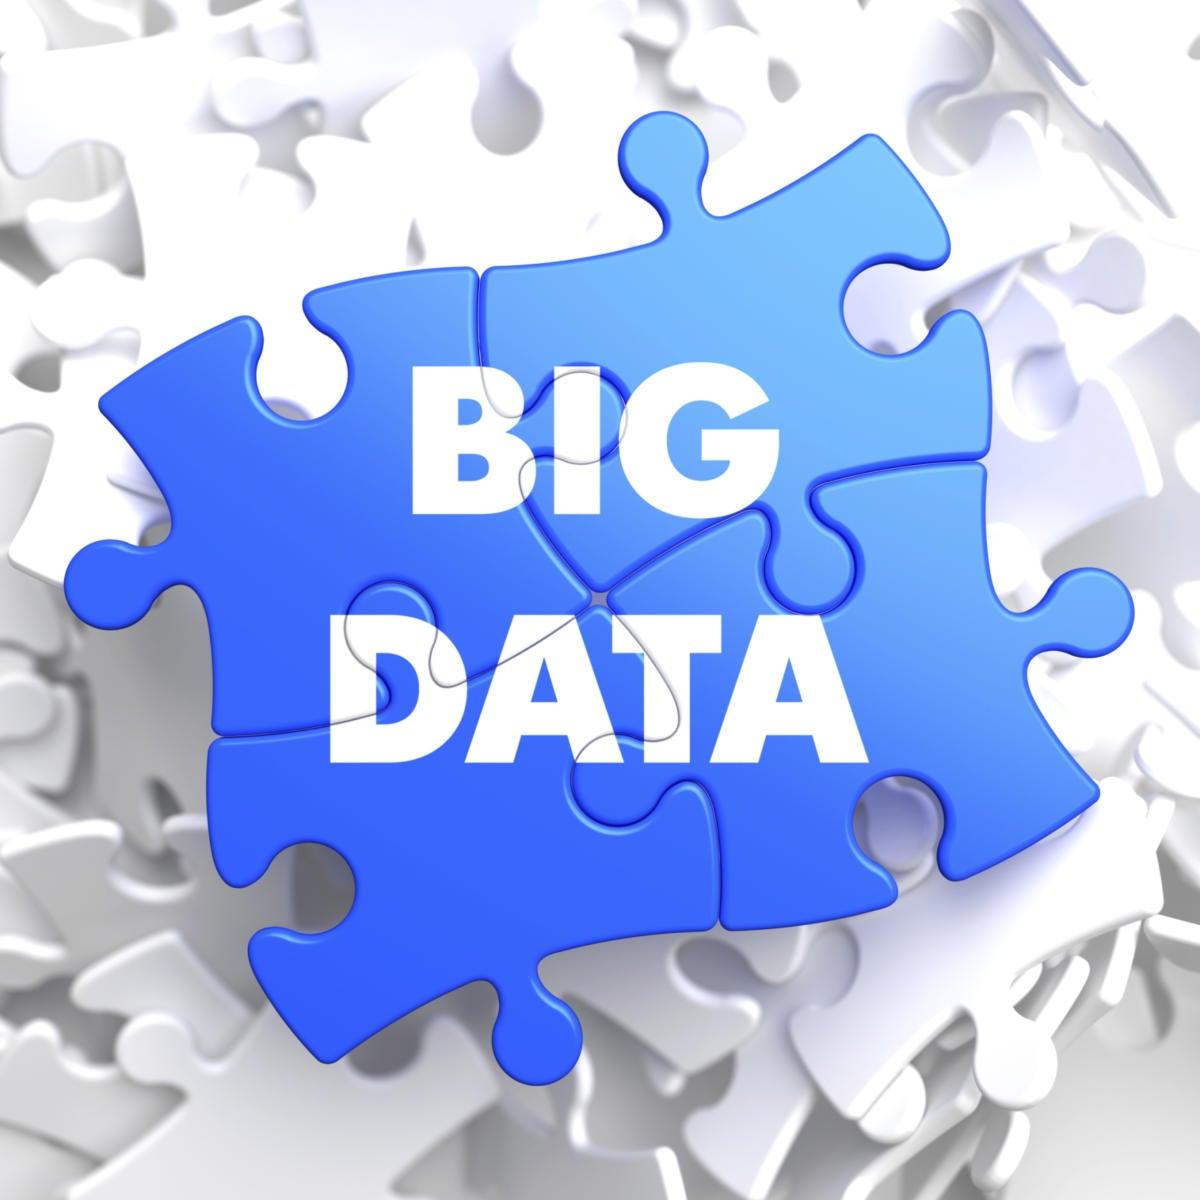 security 2016 big data